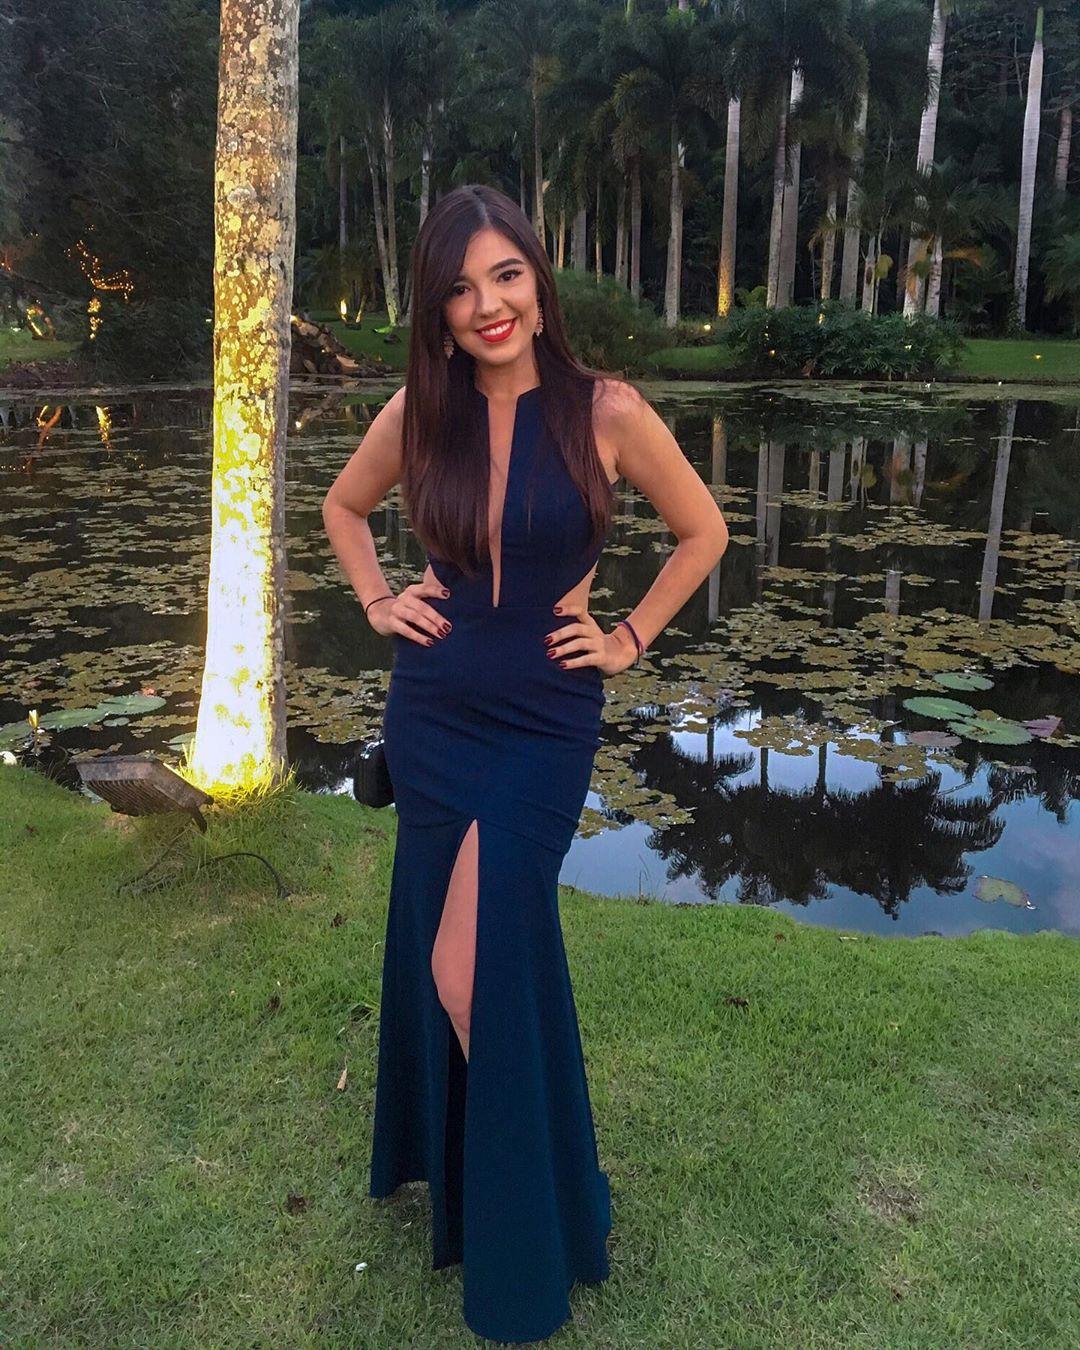 Ana Paula Perrone Kazsnar posa para foto com vestido longo azul marinho com fenda, decote em V profundo e tule ilusion.